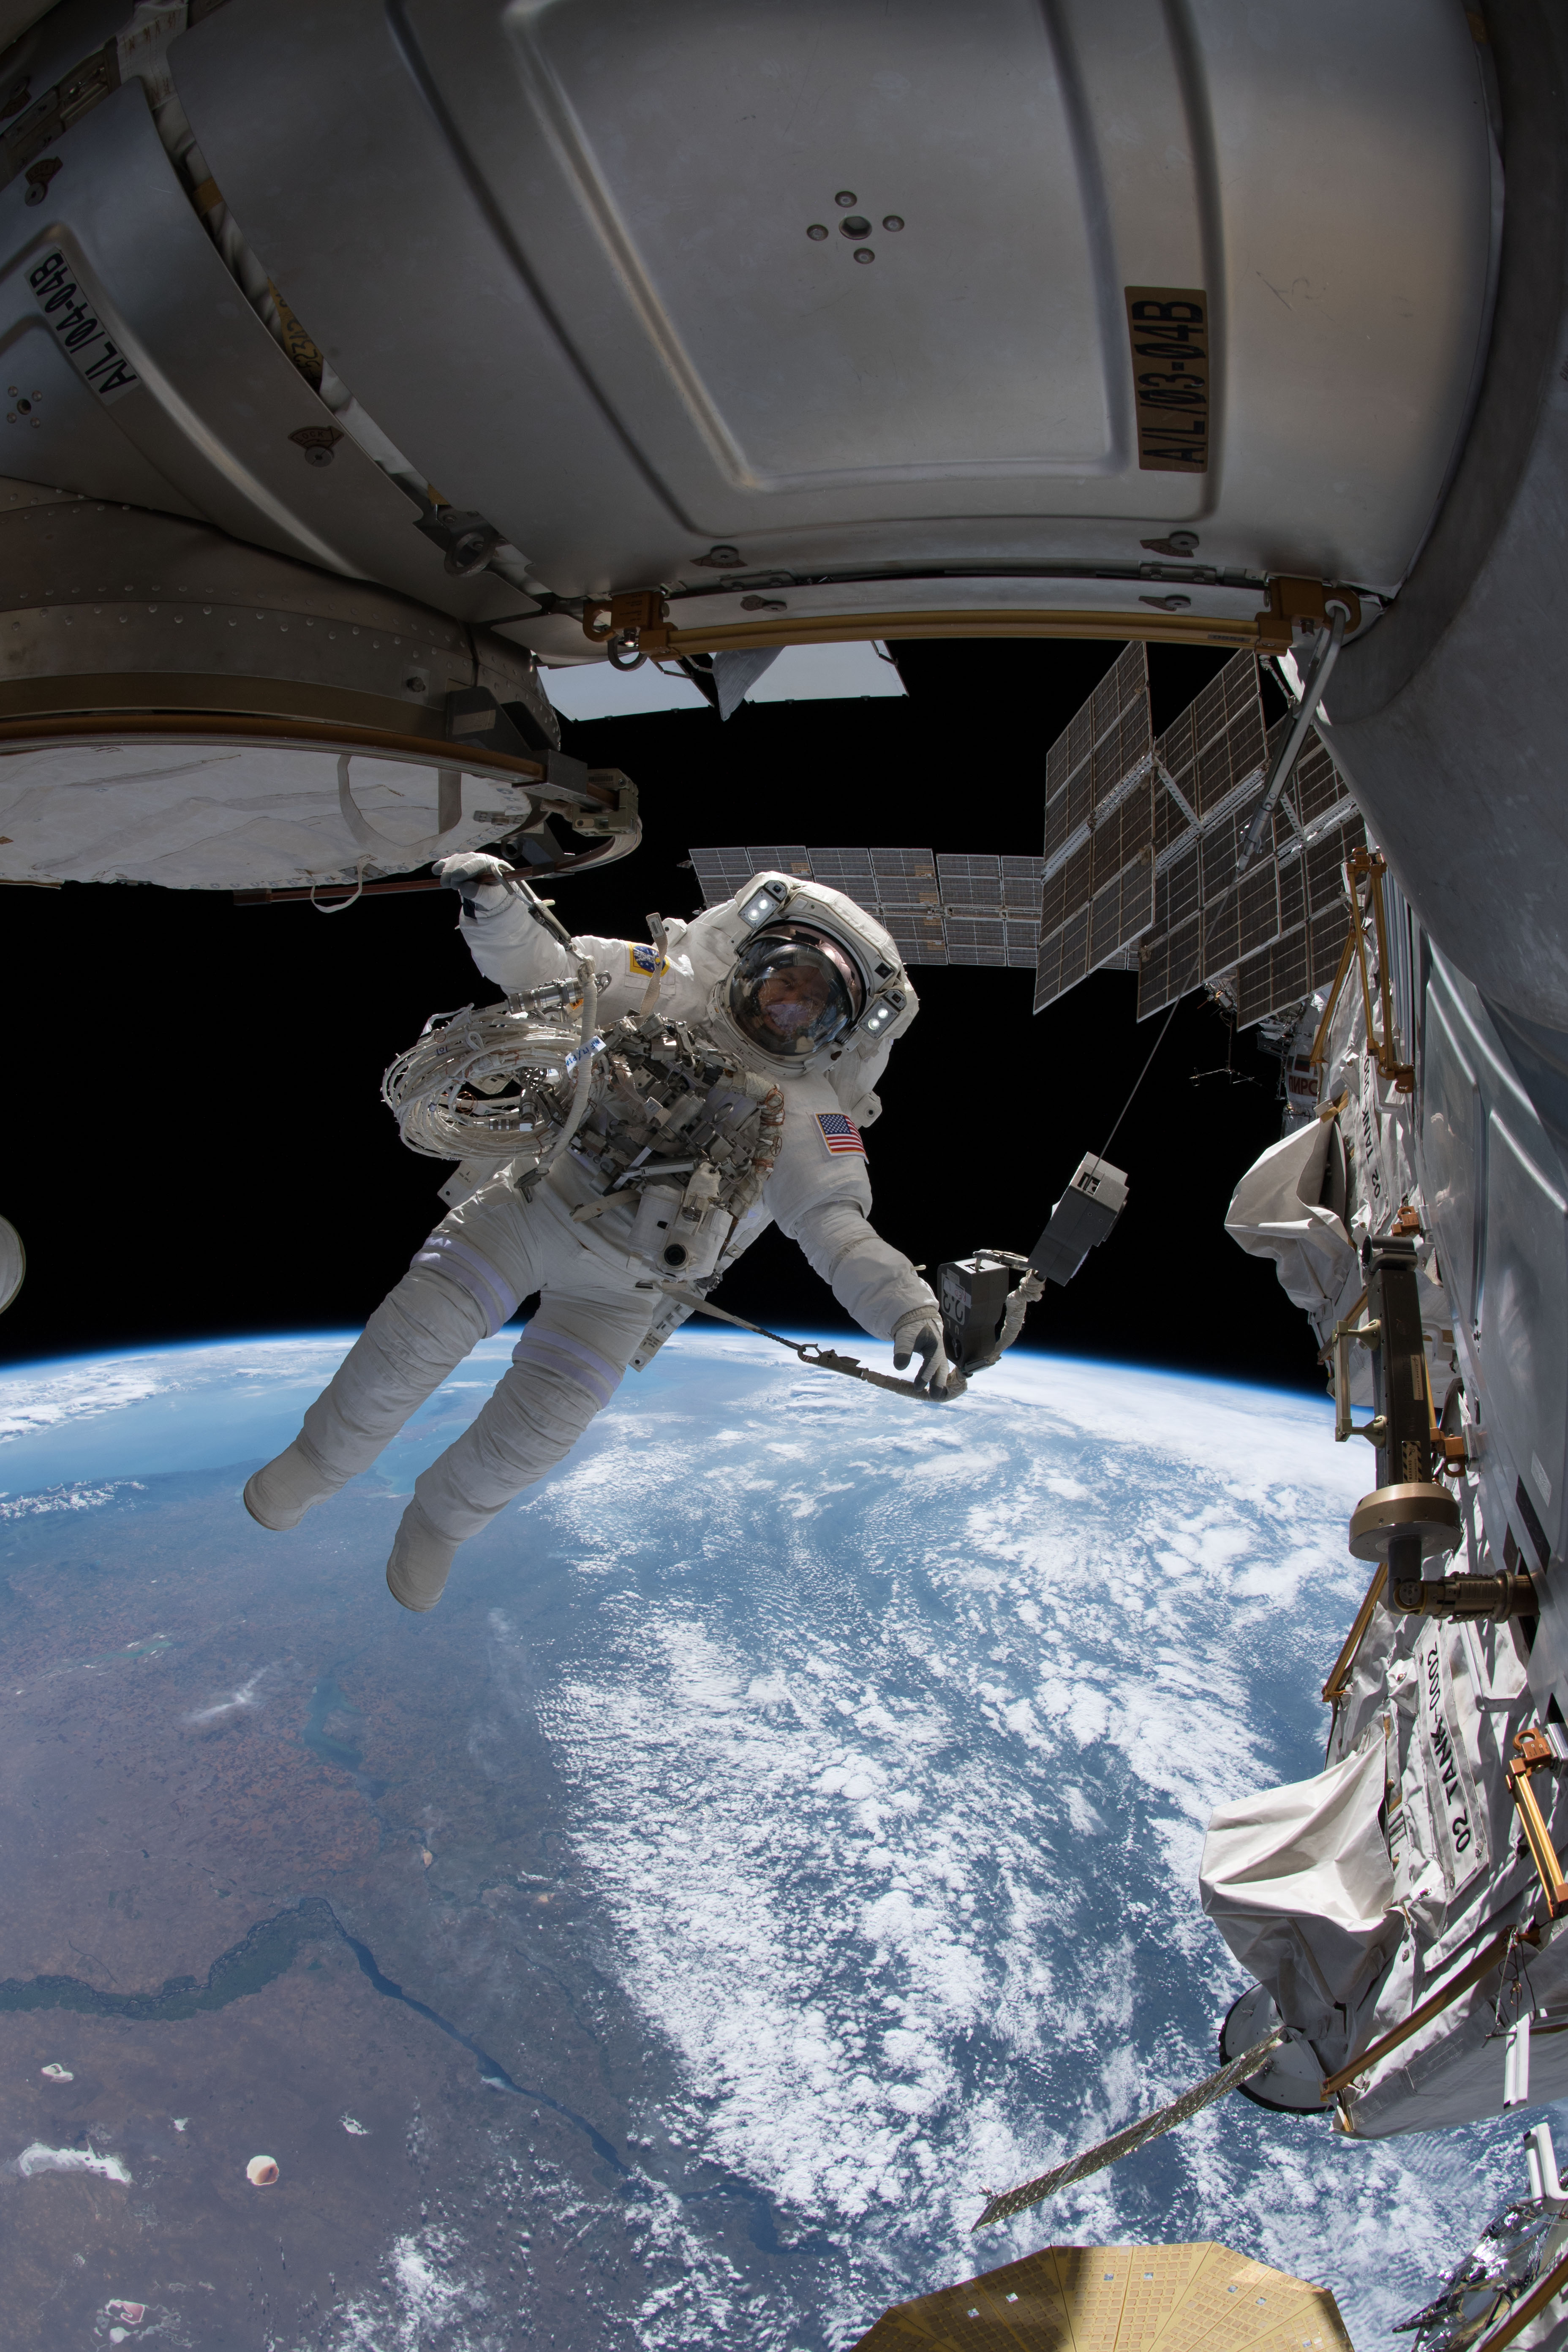 رائد الفضاء درو فيوستيل وخلفه كوكب الأرض